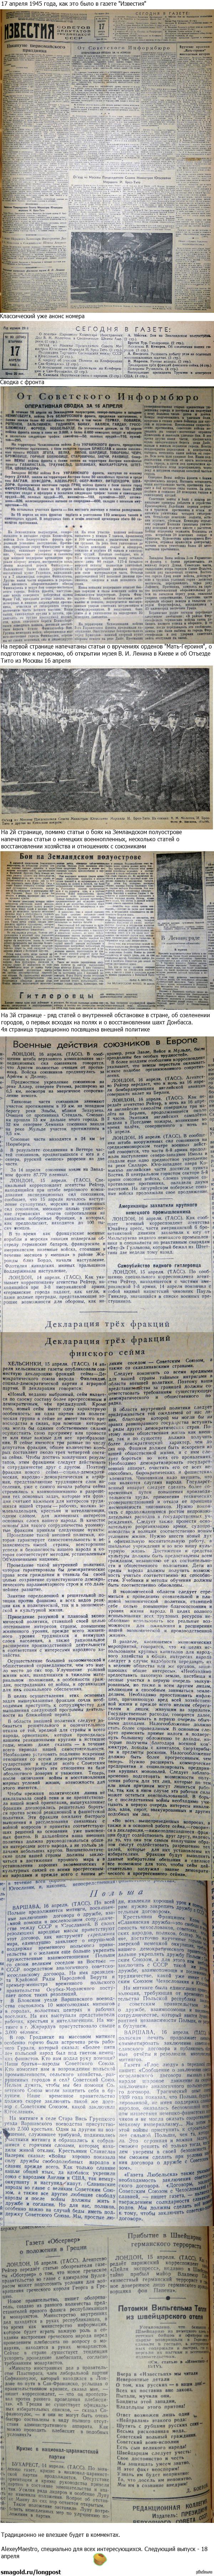 """Газета """"Известия"""" от 17 апреля 1945 года Этот день, отражённый в газете """"Известия"""" в 1945 году"""